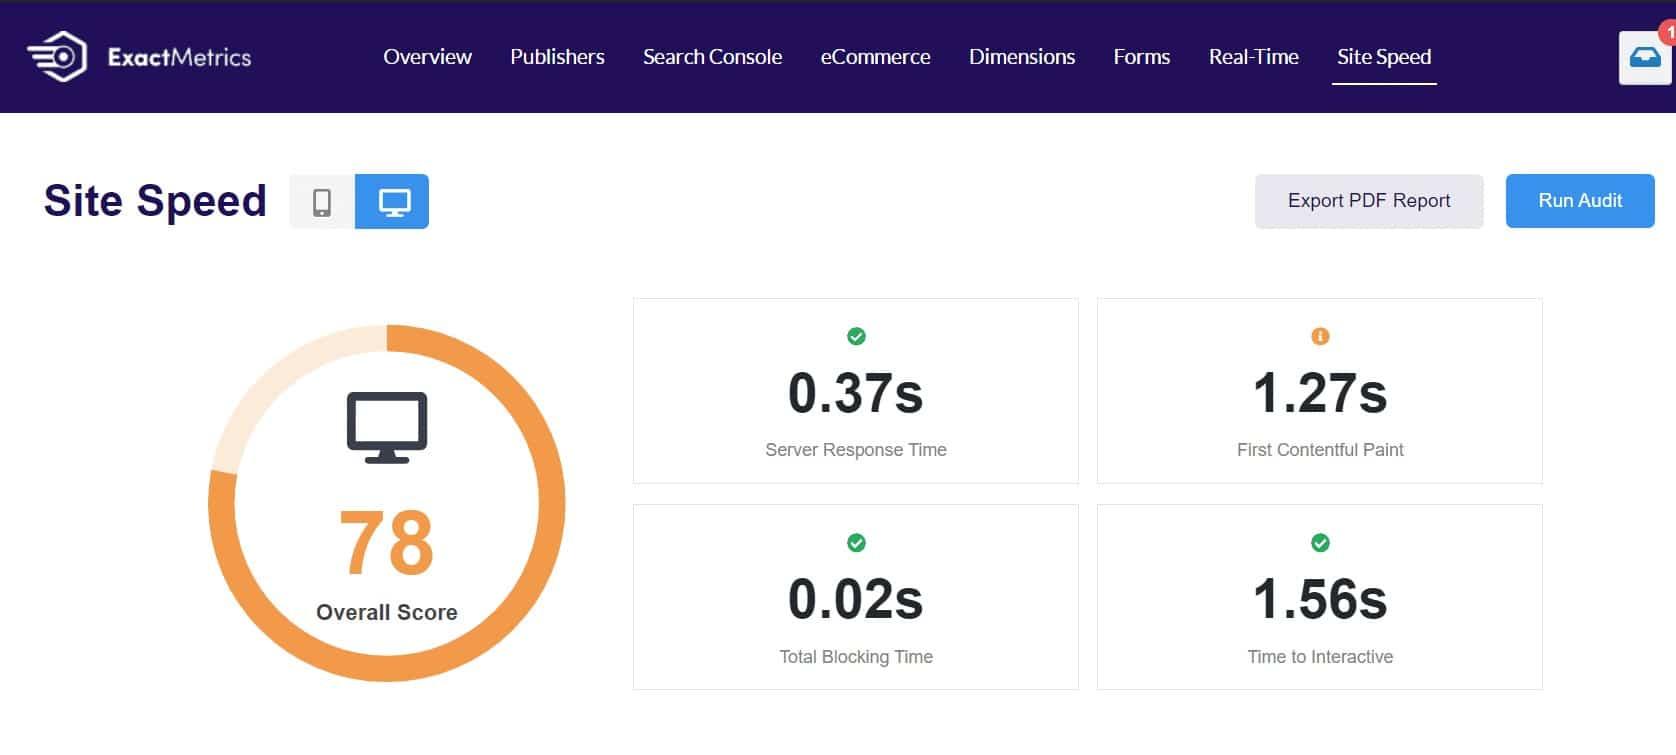 ExactMetrics Site Speed Report